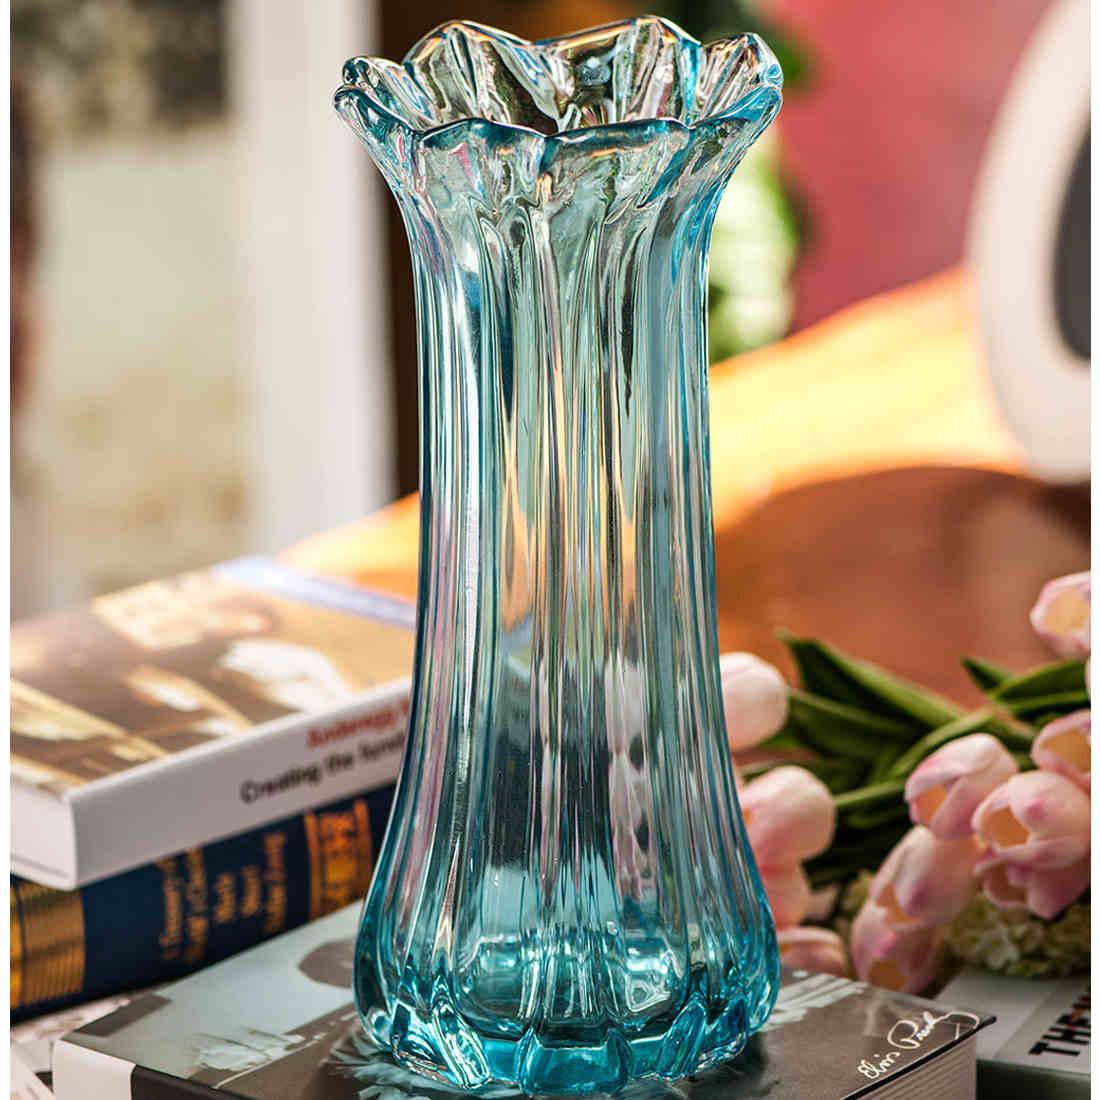 歐式 水培富貴竹透明玻璃花瓶落地客廳餐桌小花瓶 家居擺件